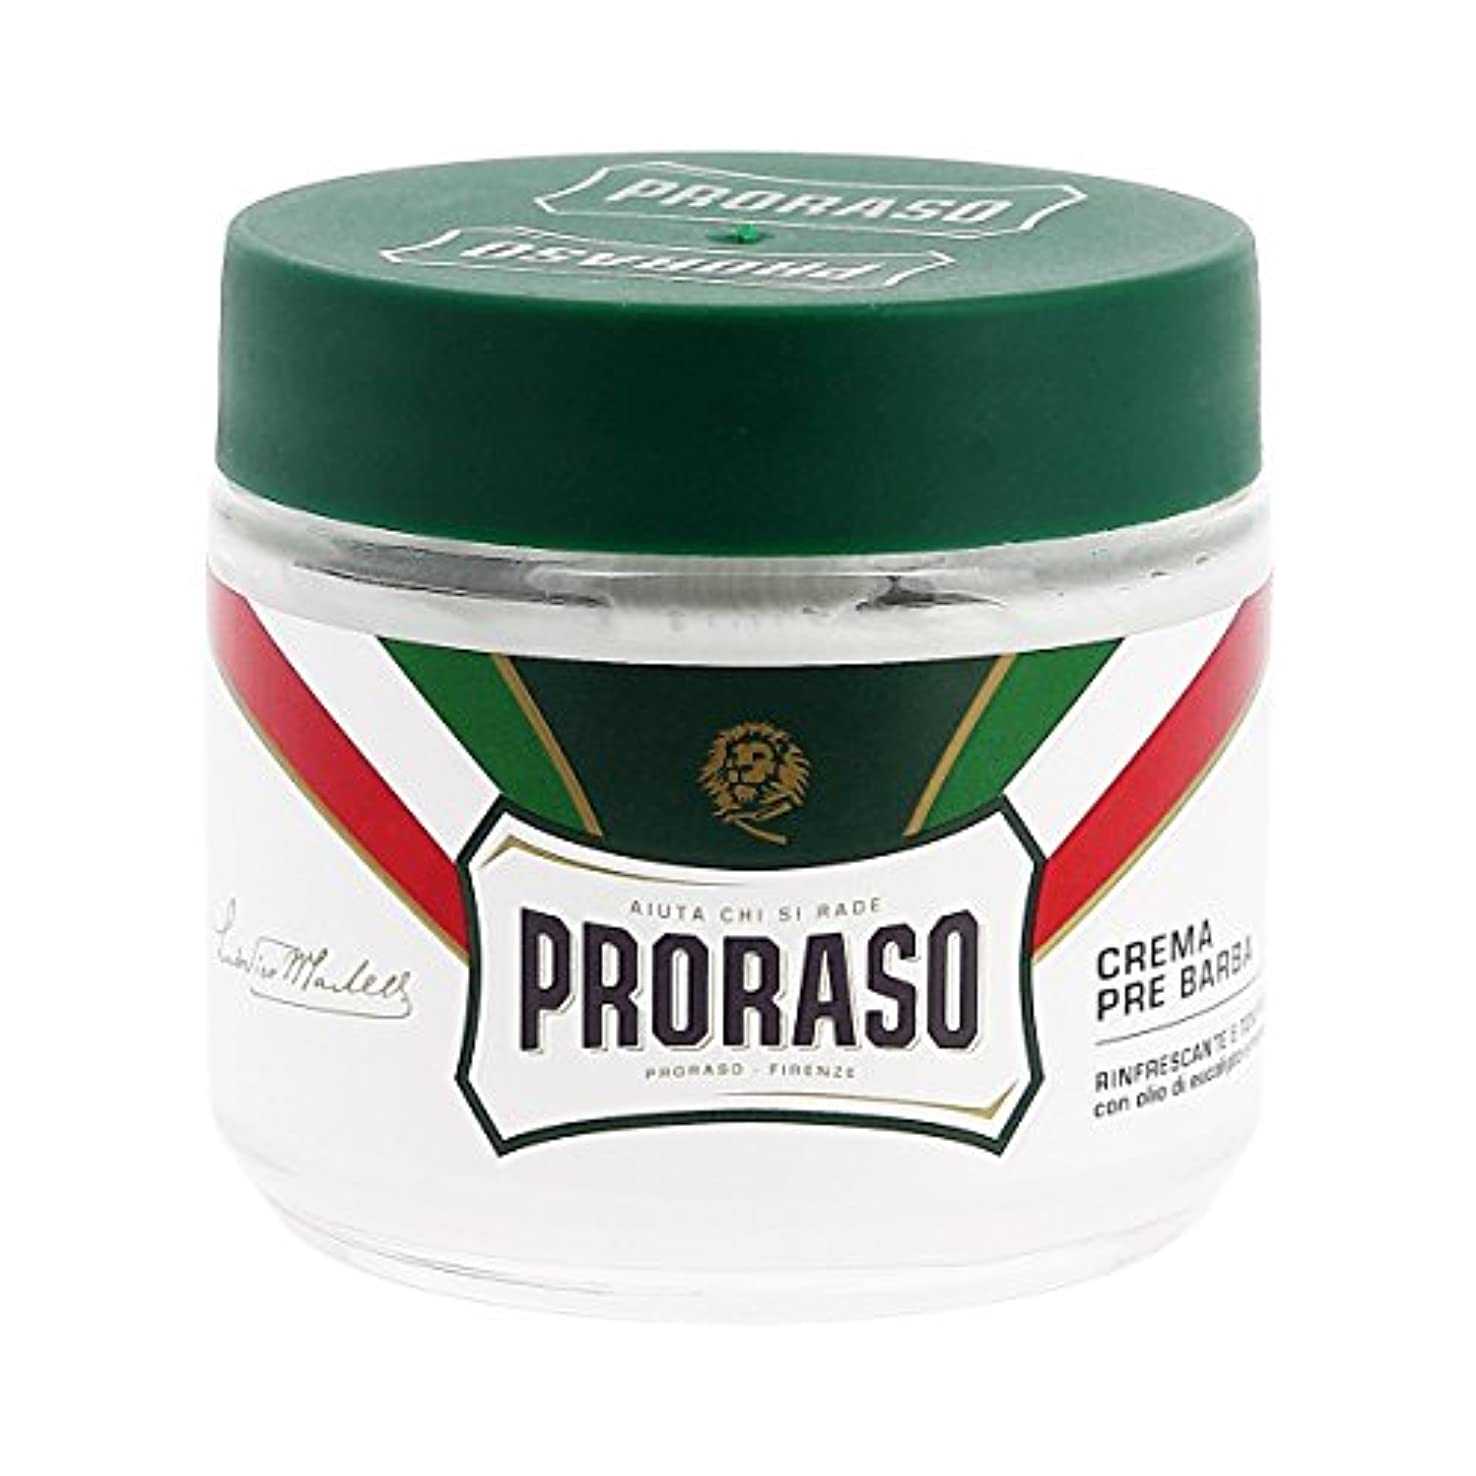 準備するに話す野心的Proraso イタリア プレシェーブクリーム ユーカリ 100ml[海外直送品] [並行輸入品]